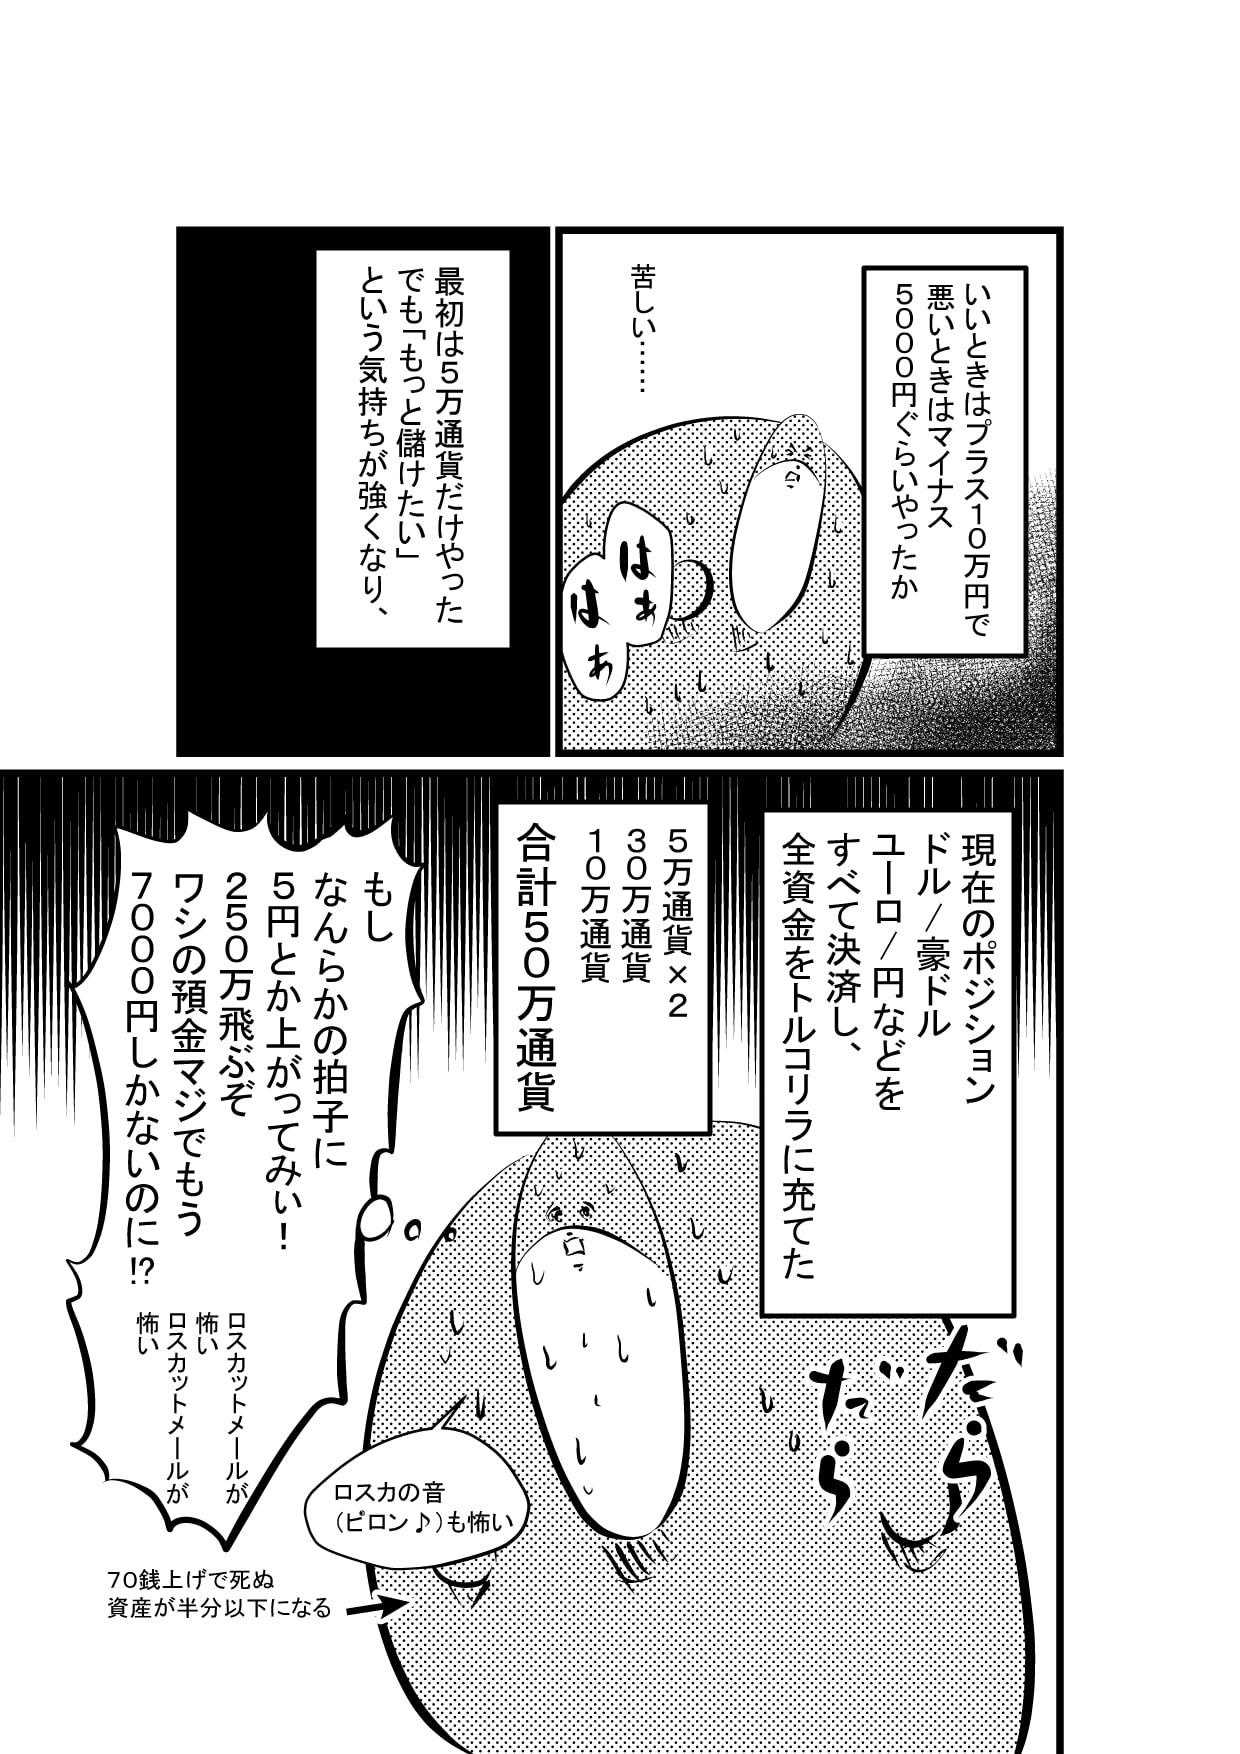 クマンガFX・株(5) トルコリラ編のサンプル画像